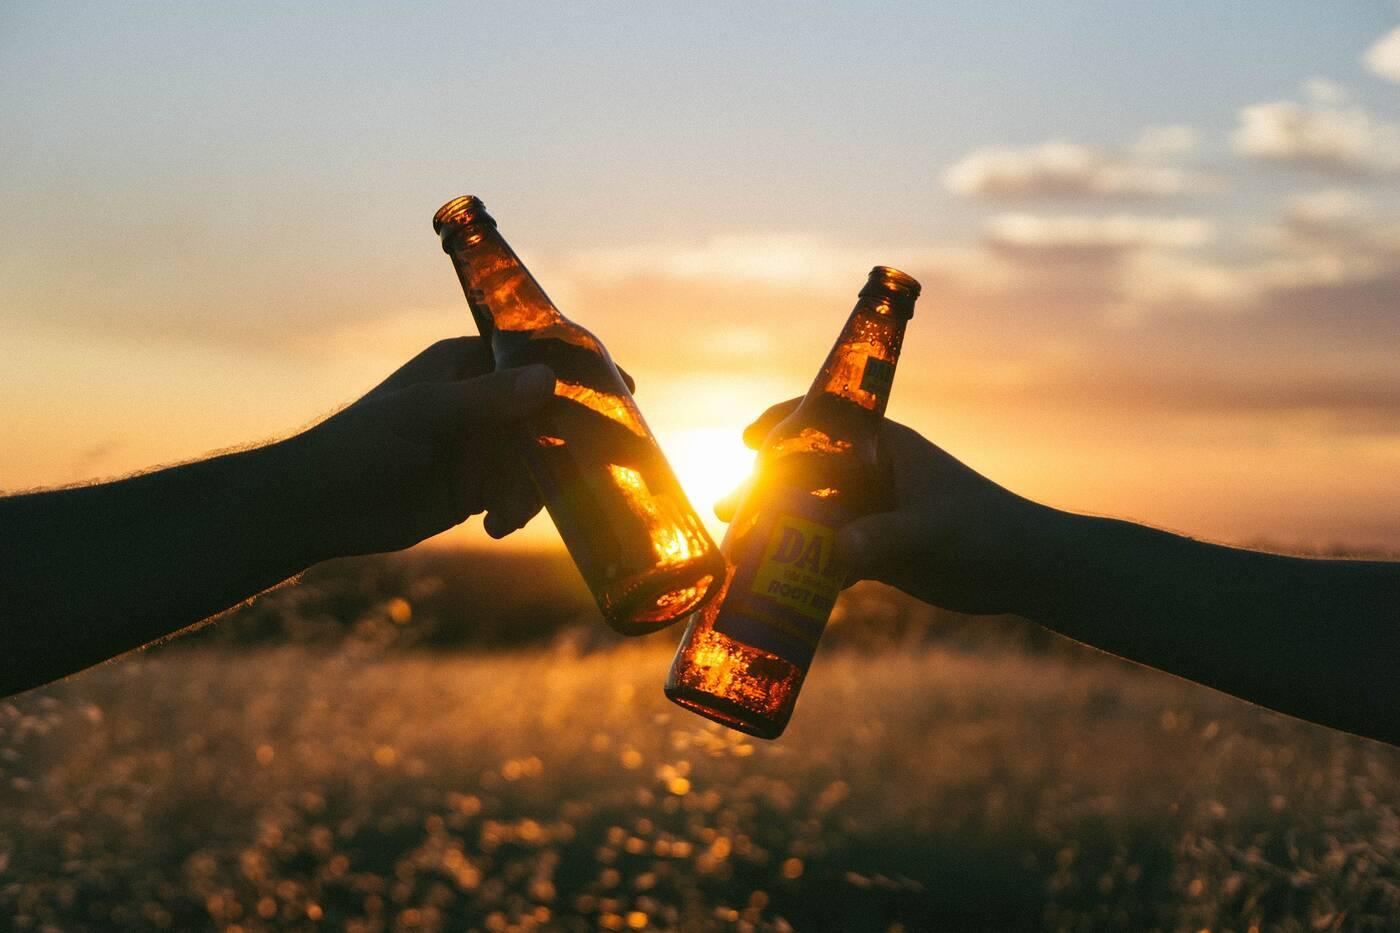 Alkohol, wiek Alkohol, wiek a Alkohol, spożywanie Alkoholu, picie piwa, umiarkowane picie Alkoholu